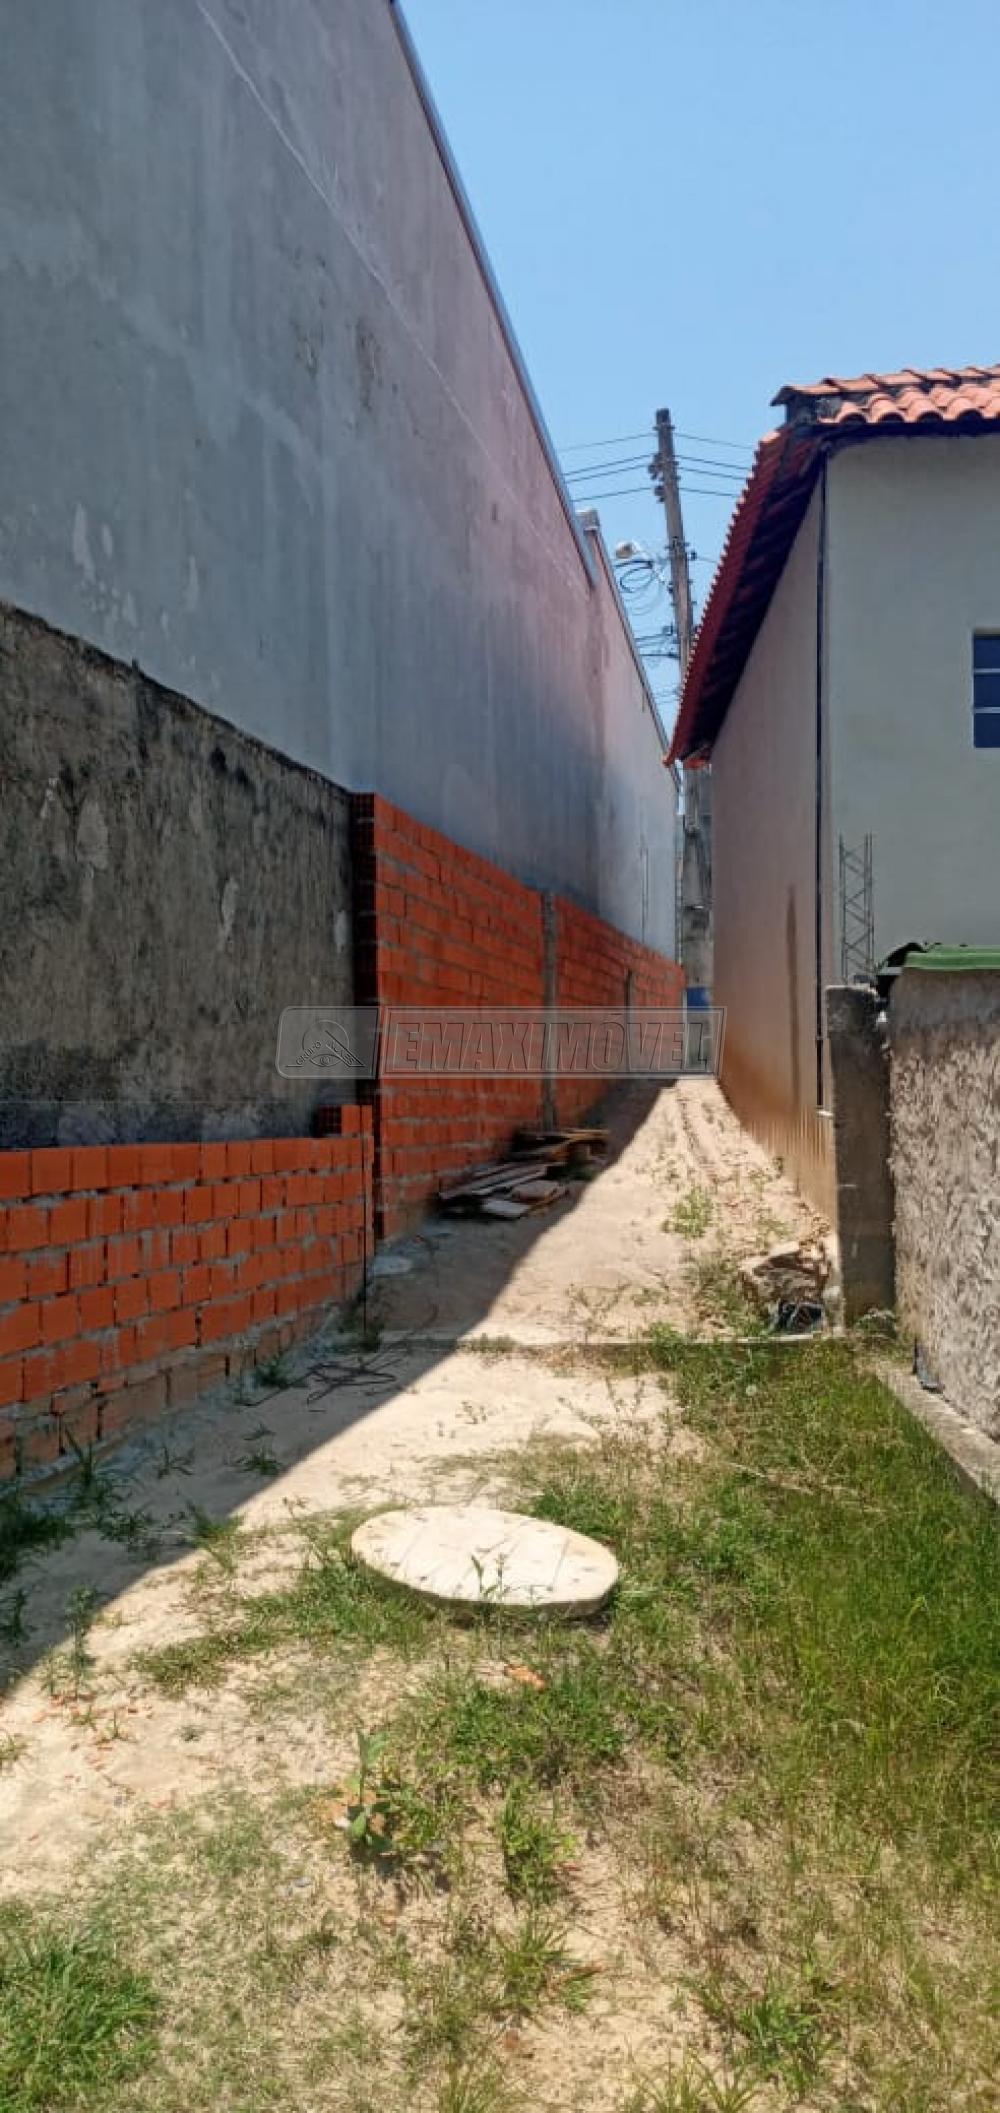 Comprar Casas / em Bairros em Sorocaba apenas R$ 150.000,00 - Foto 4